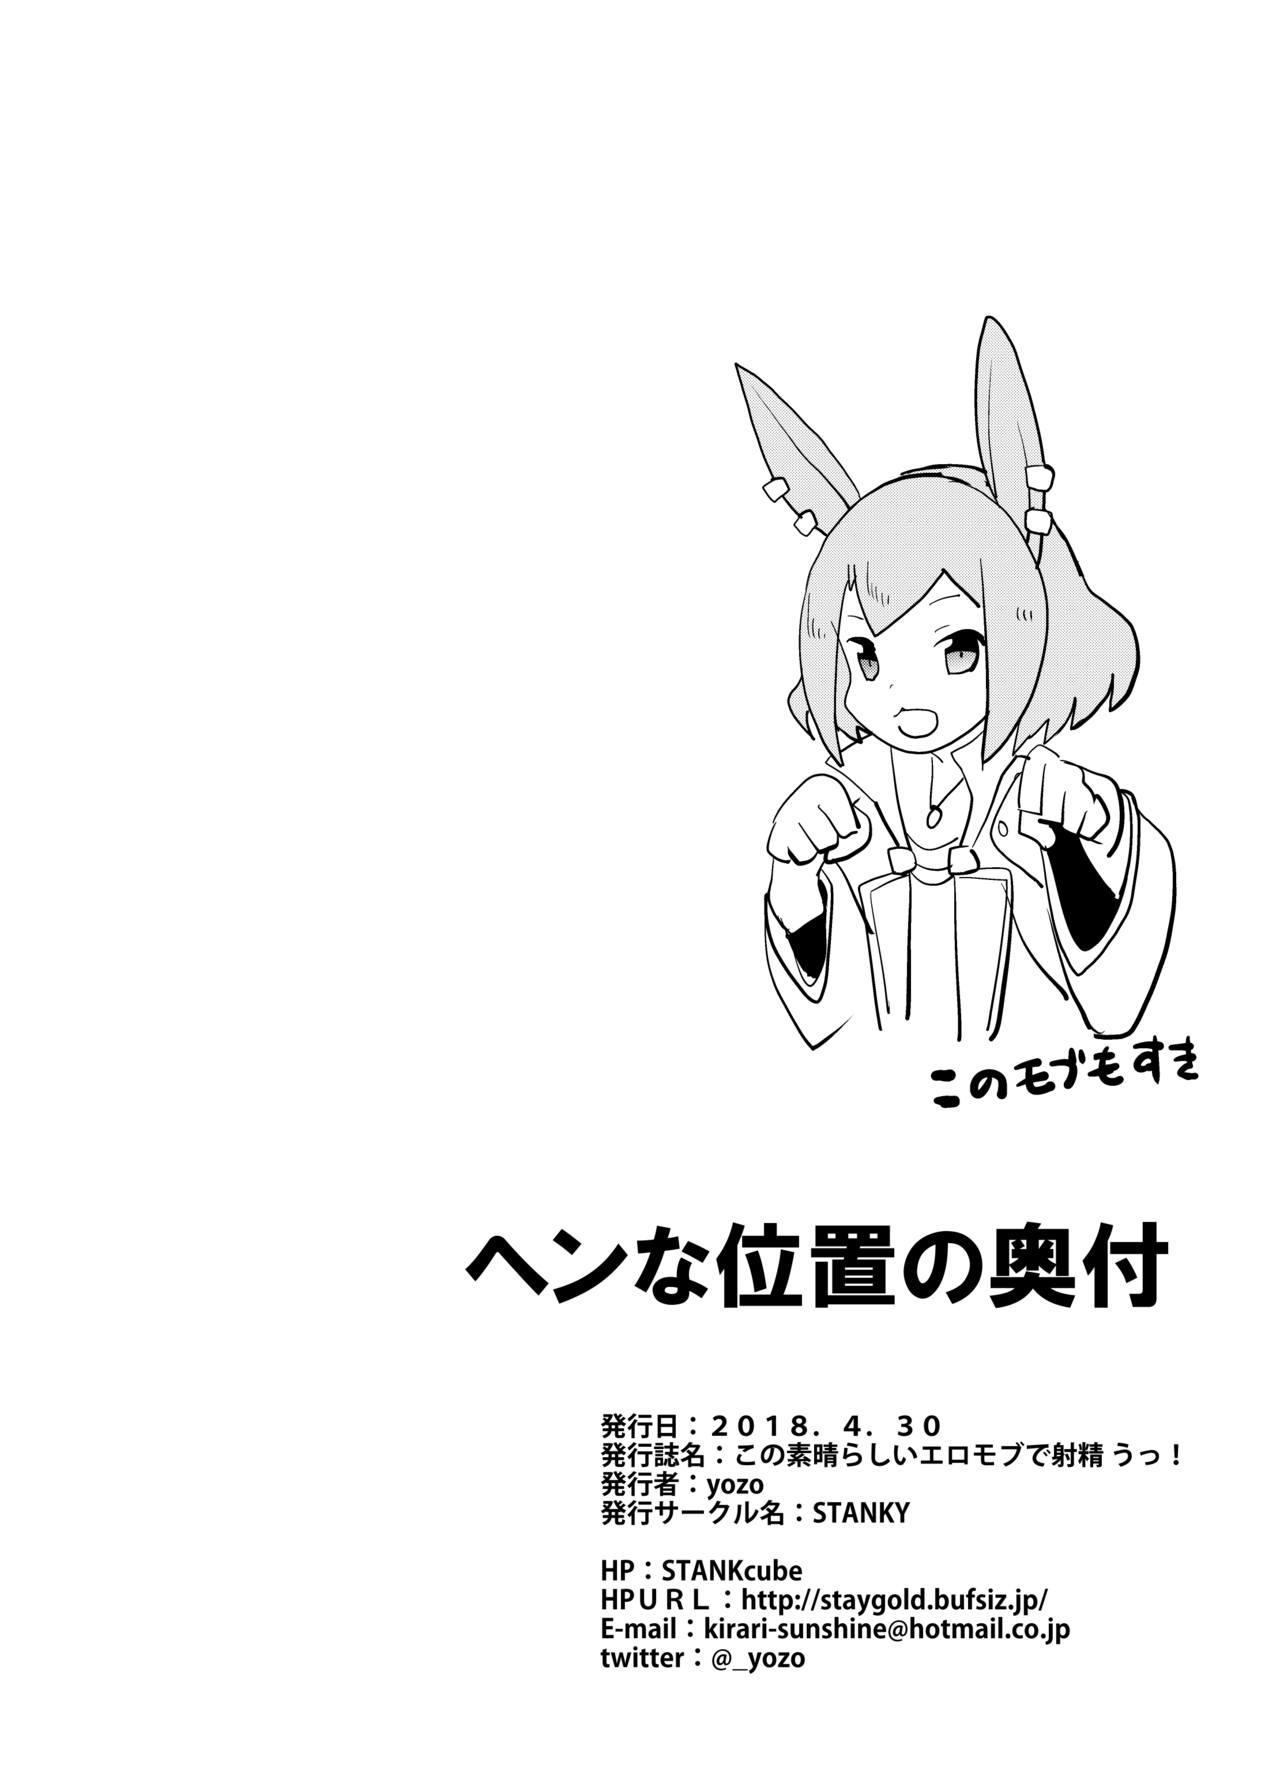 Kono Subarashii Ero Mob de Shasei u! 8